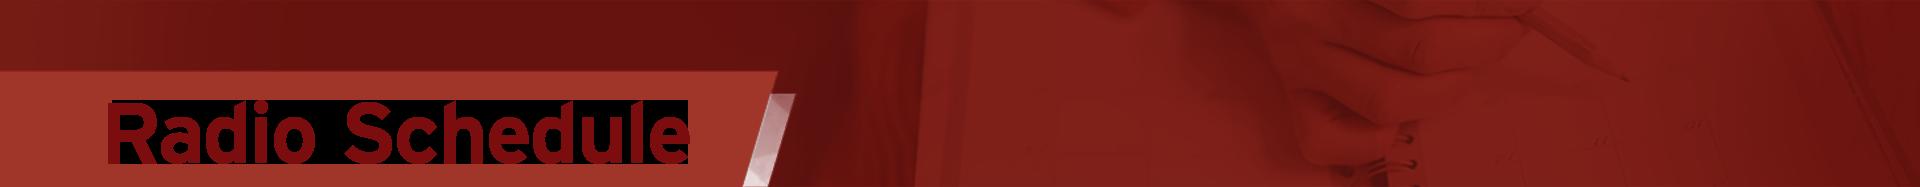 radio schedule banner